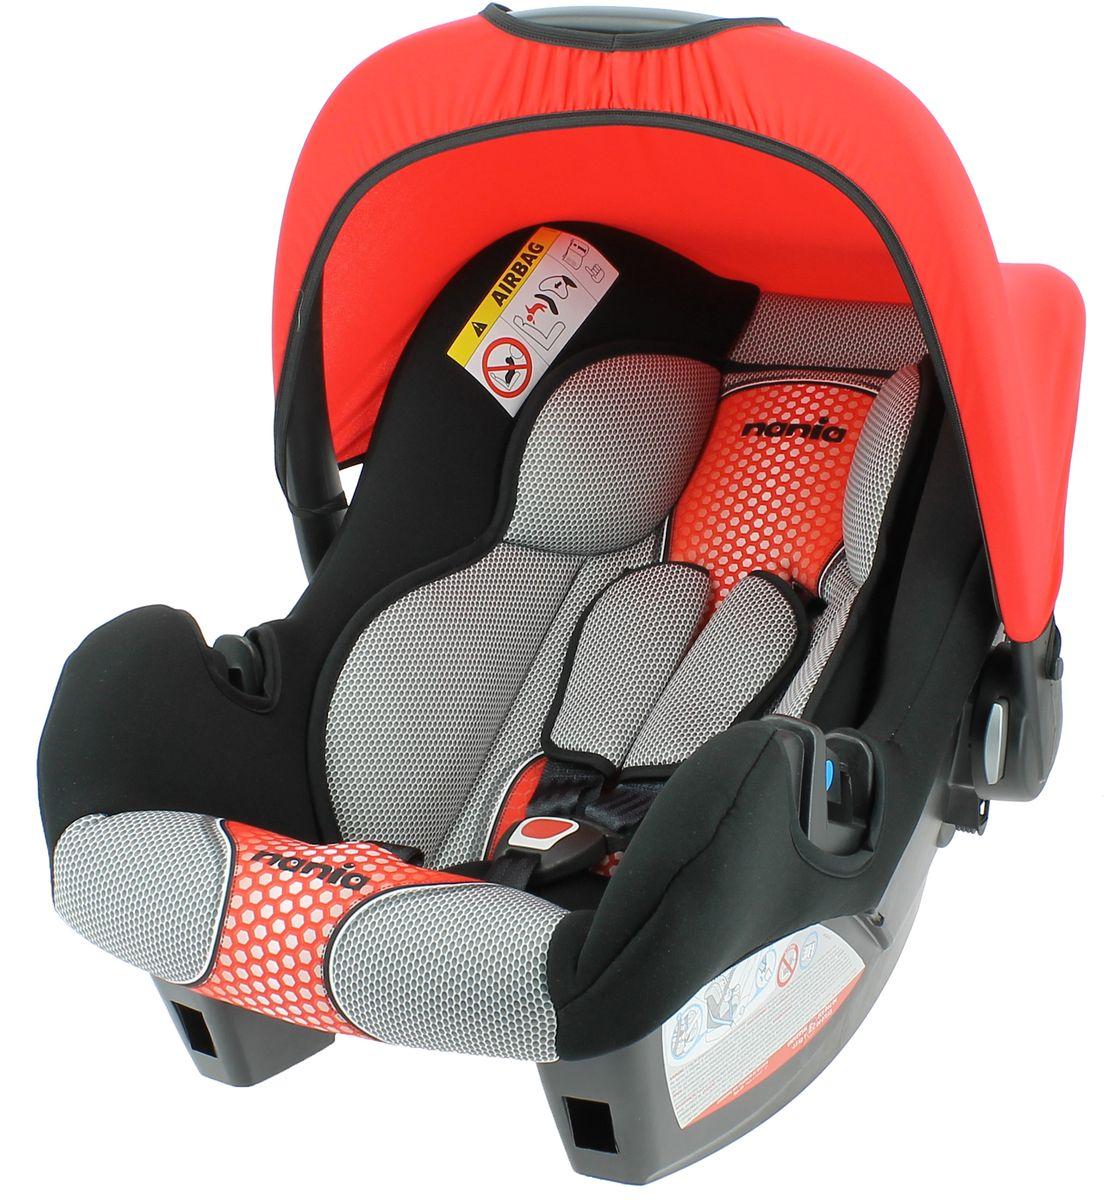 Nania Автокресло Beone SP FST от 0 до 13 кг цвет pop red484607Автокресло nania Beone SP является самым безопасным креслом в своей категории. За небольшие деньги вы получаете кресло, получившее четыре звезды из пяти во всех европейских краш-тестах.Nania Beone SP было разработано на основе требований безопасности, а также ортопедических факторов: мягкие обивка и подушки, а анатомическая форма, учитывающая особенности новорожденного ребенка,nania Beone SP обеспечивает комфорт даже в дальних поездках.Система боковой защиты Side Protection (SP) обеспечивает необходимую безопасность даже при боковом столкновении. 3-х точечные ремни безопасности можно регулировать по длине и высоте.Обивка выполнена из 100% полистирола, которую легко снимается и моется.Серия FIRST - базовая версия автокресла, имеет простой дизайн, но при этом гарантирует европейское качество иобеспечивает безопасность пассажира. Кроме того предлагает дополнительный комфорт за счет подушек в районе головы и таза, которые при необходимости можно убрать.